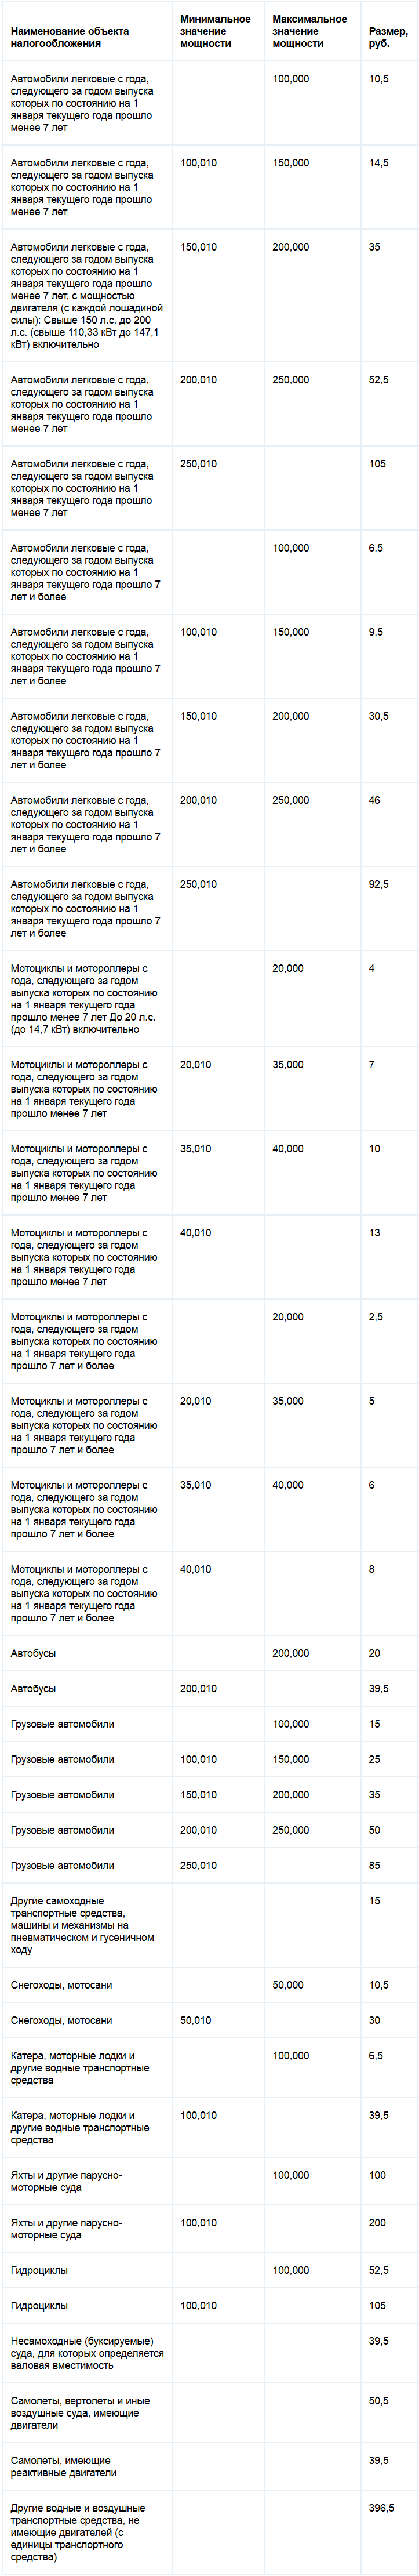 Г.иркутск.ставки транспортного налога как заработать бесплатно через интернет